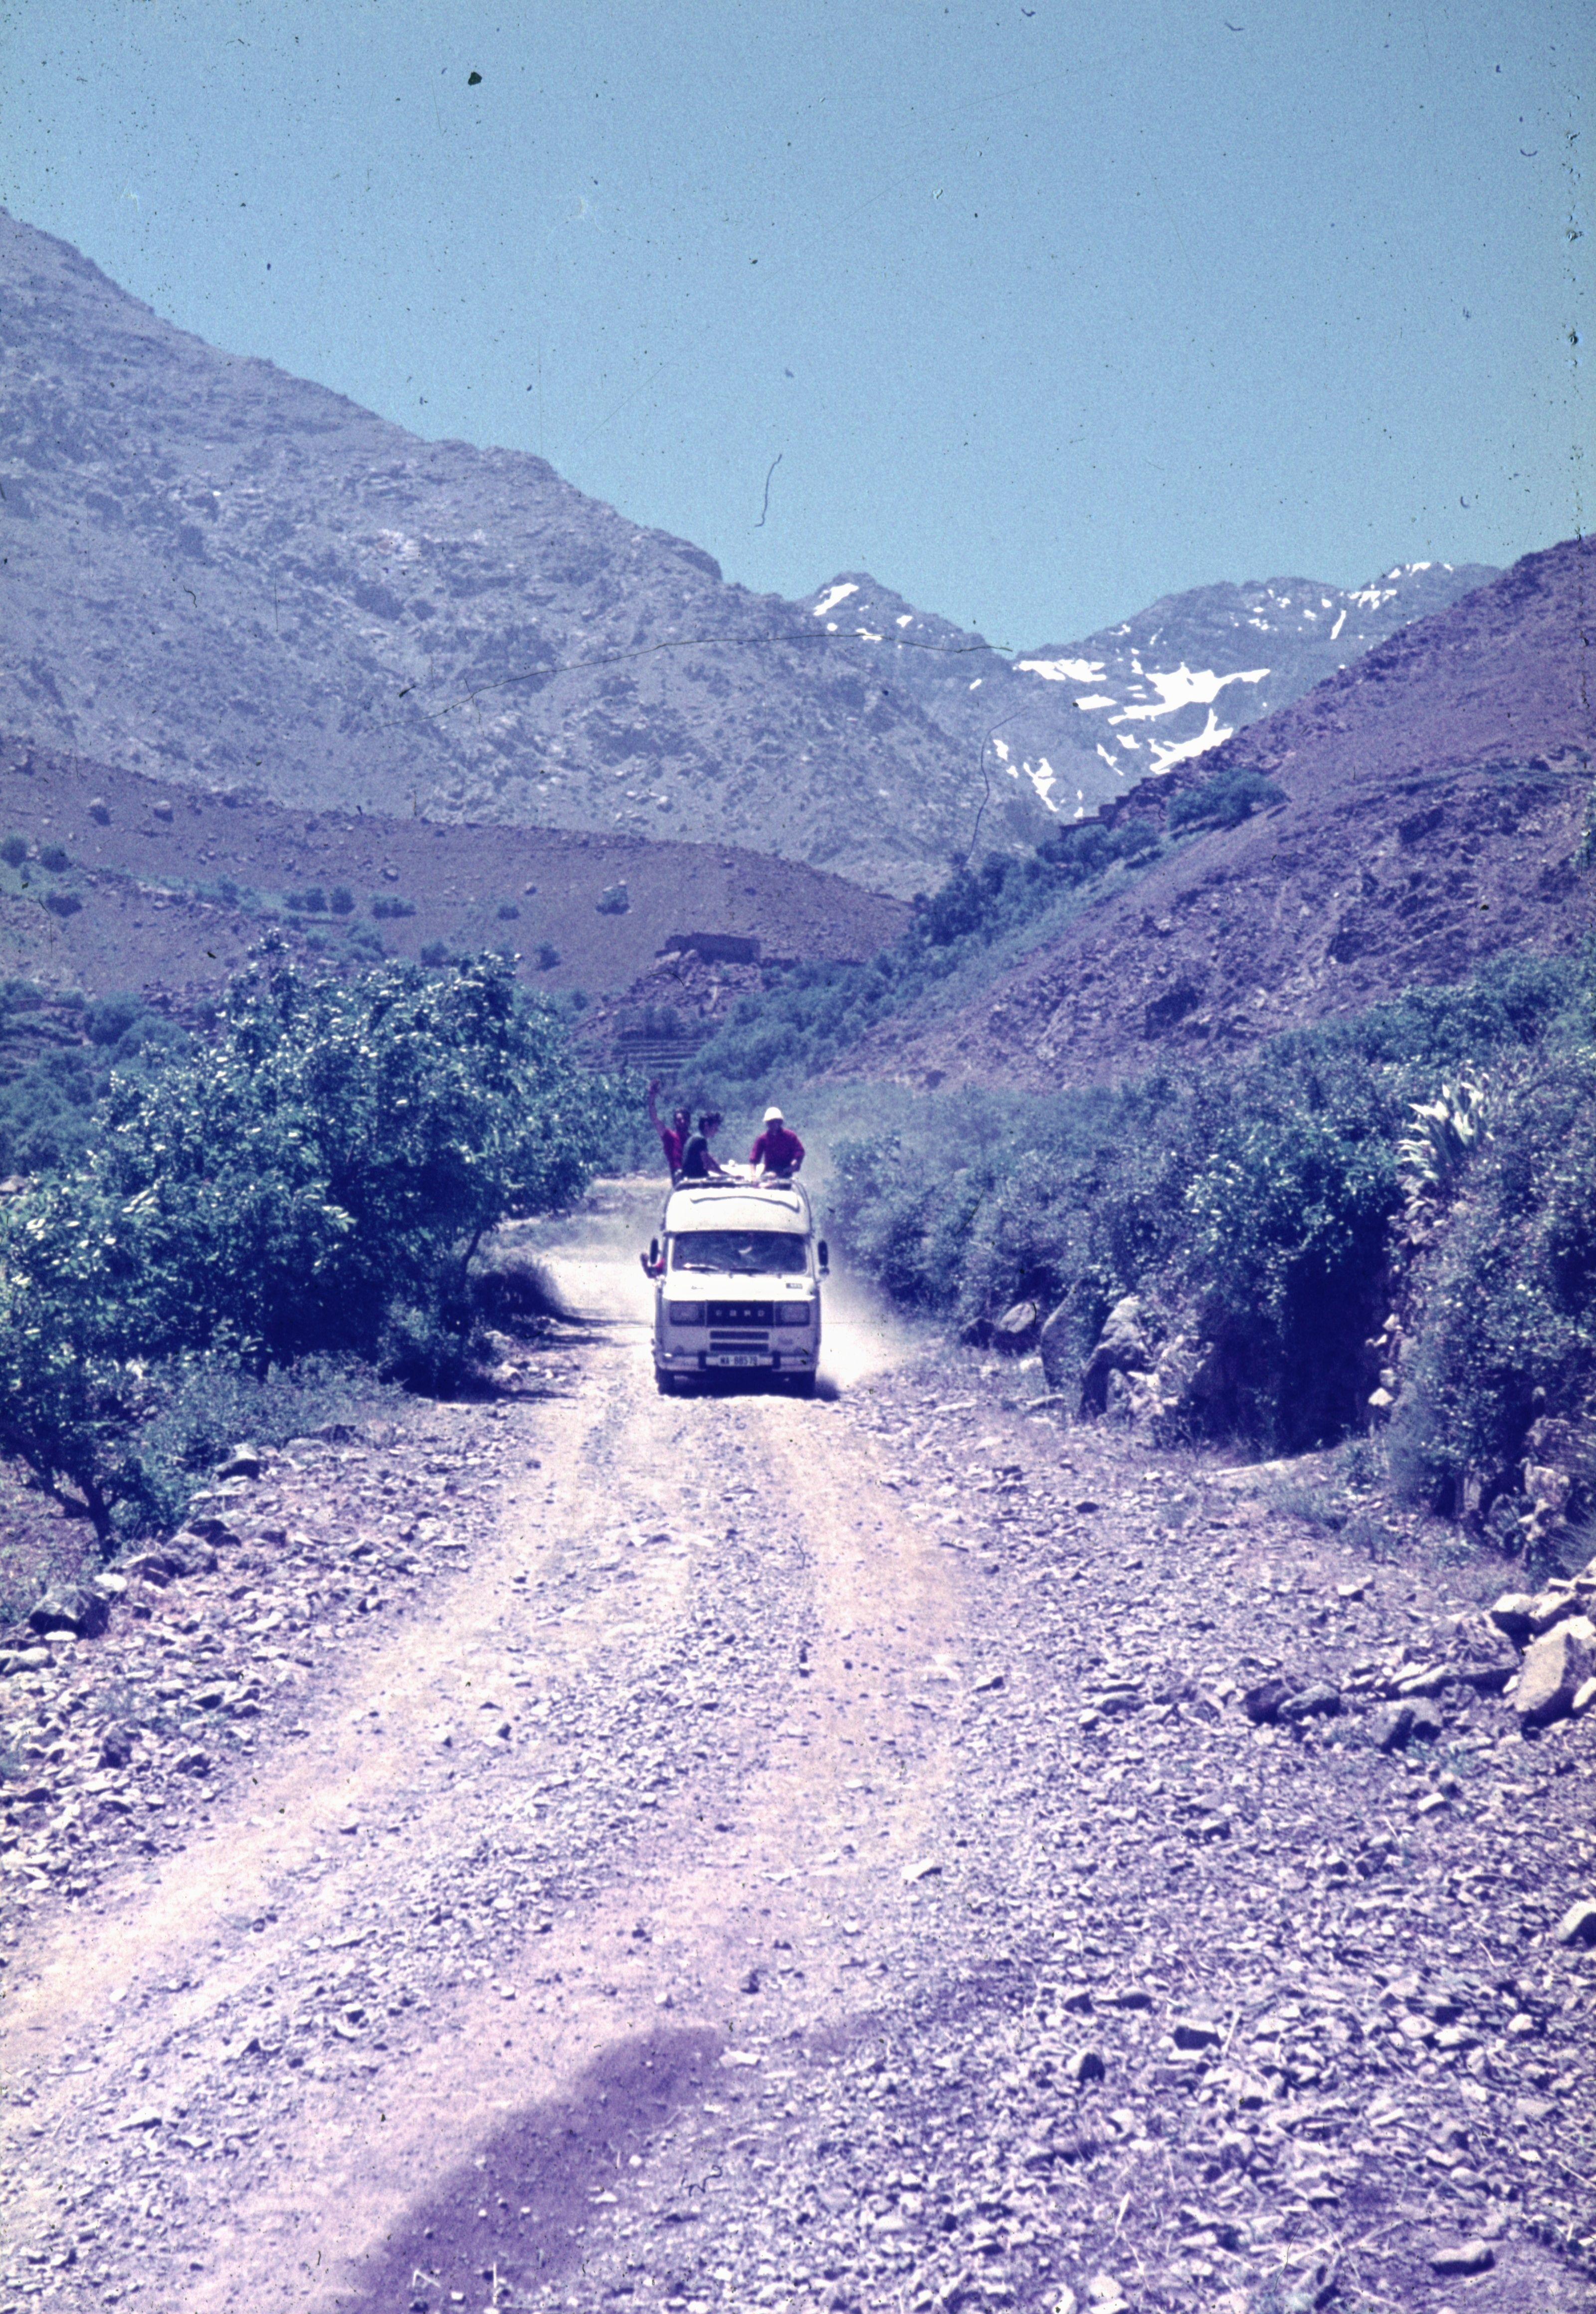 ruta a Imlil final de trajecte amb vehicle